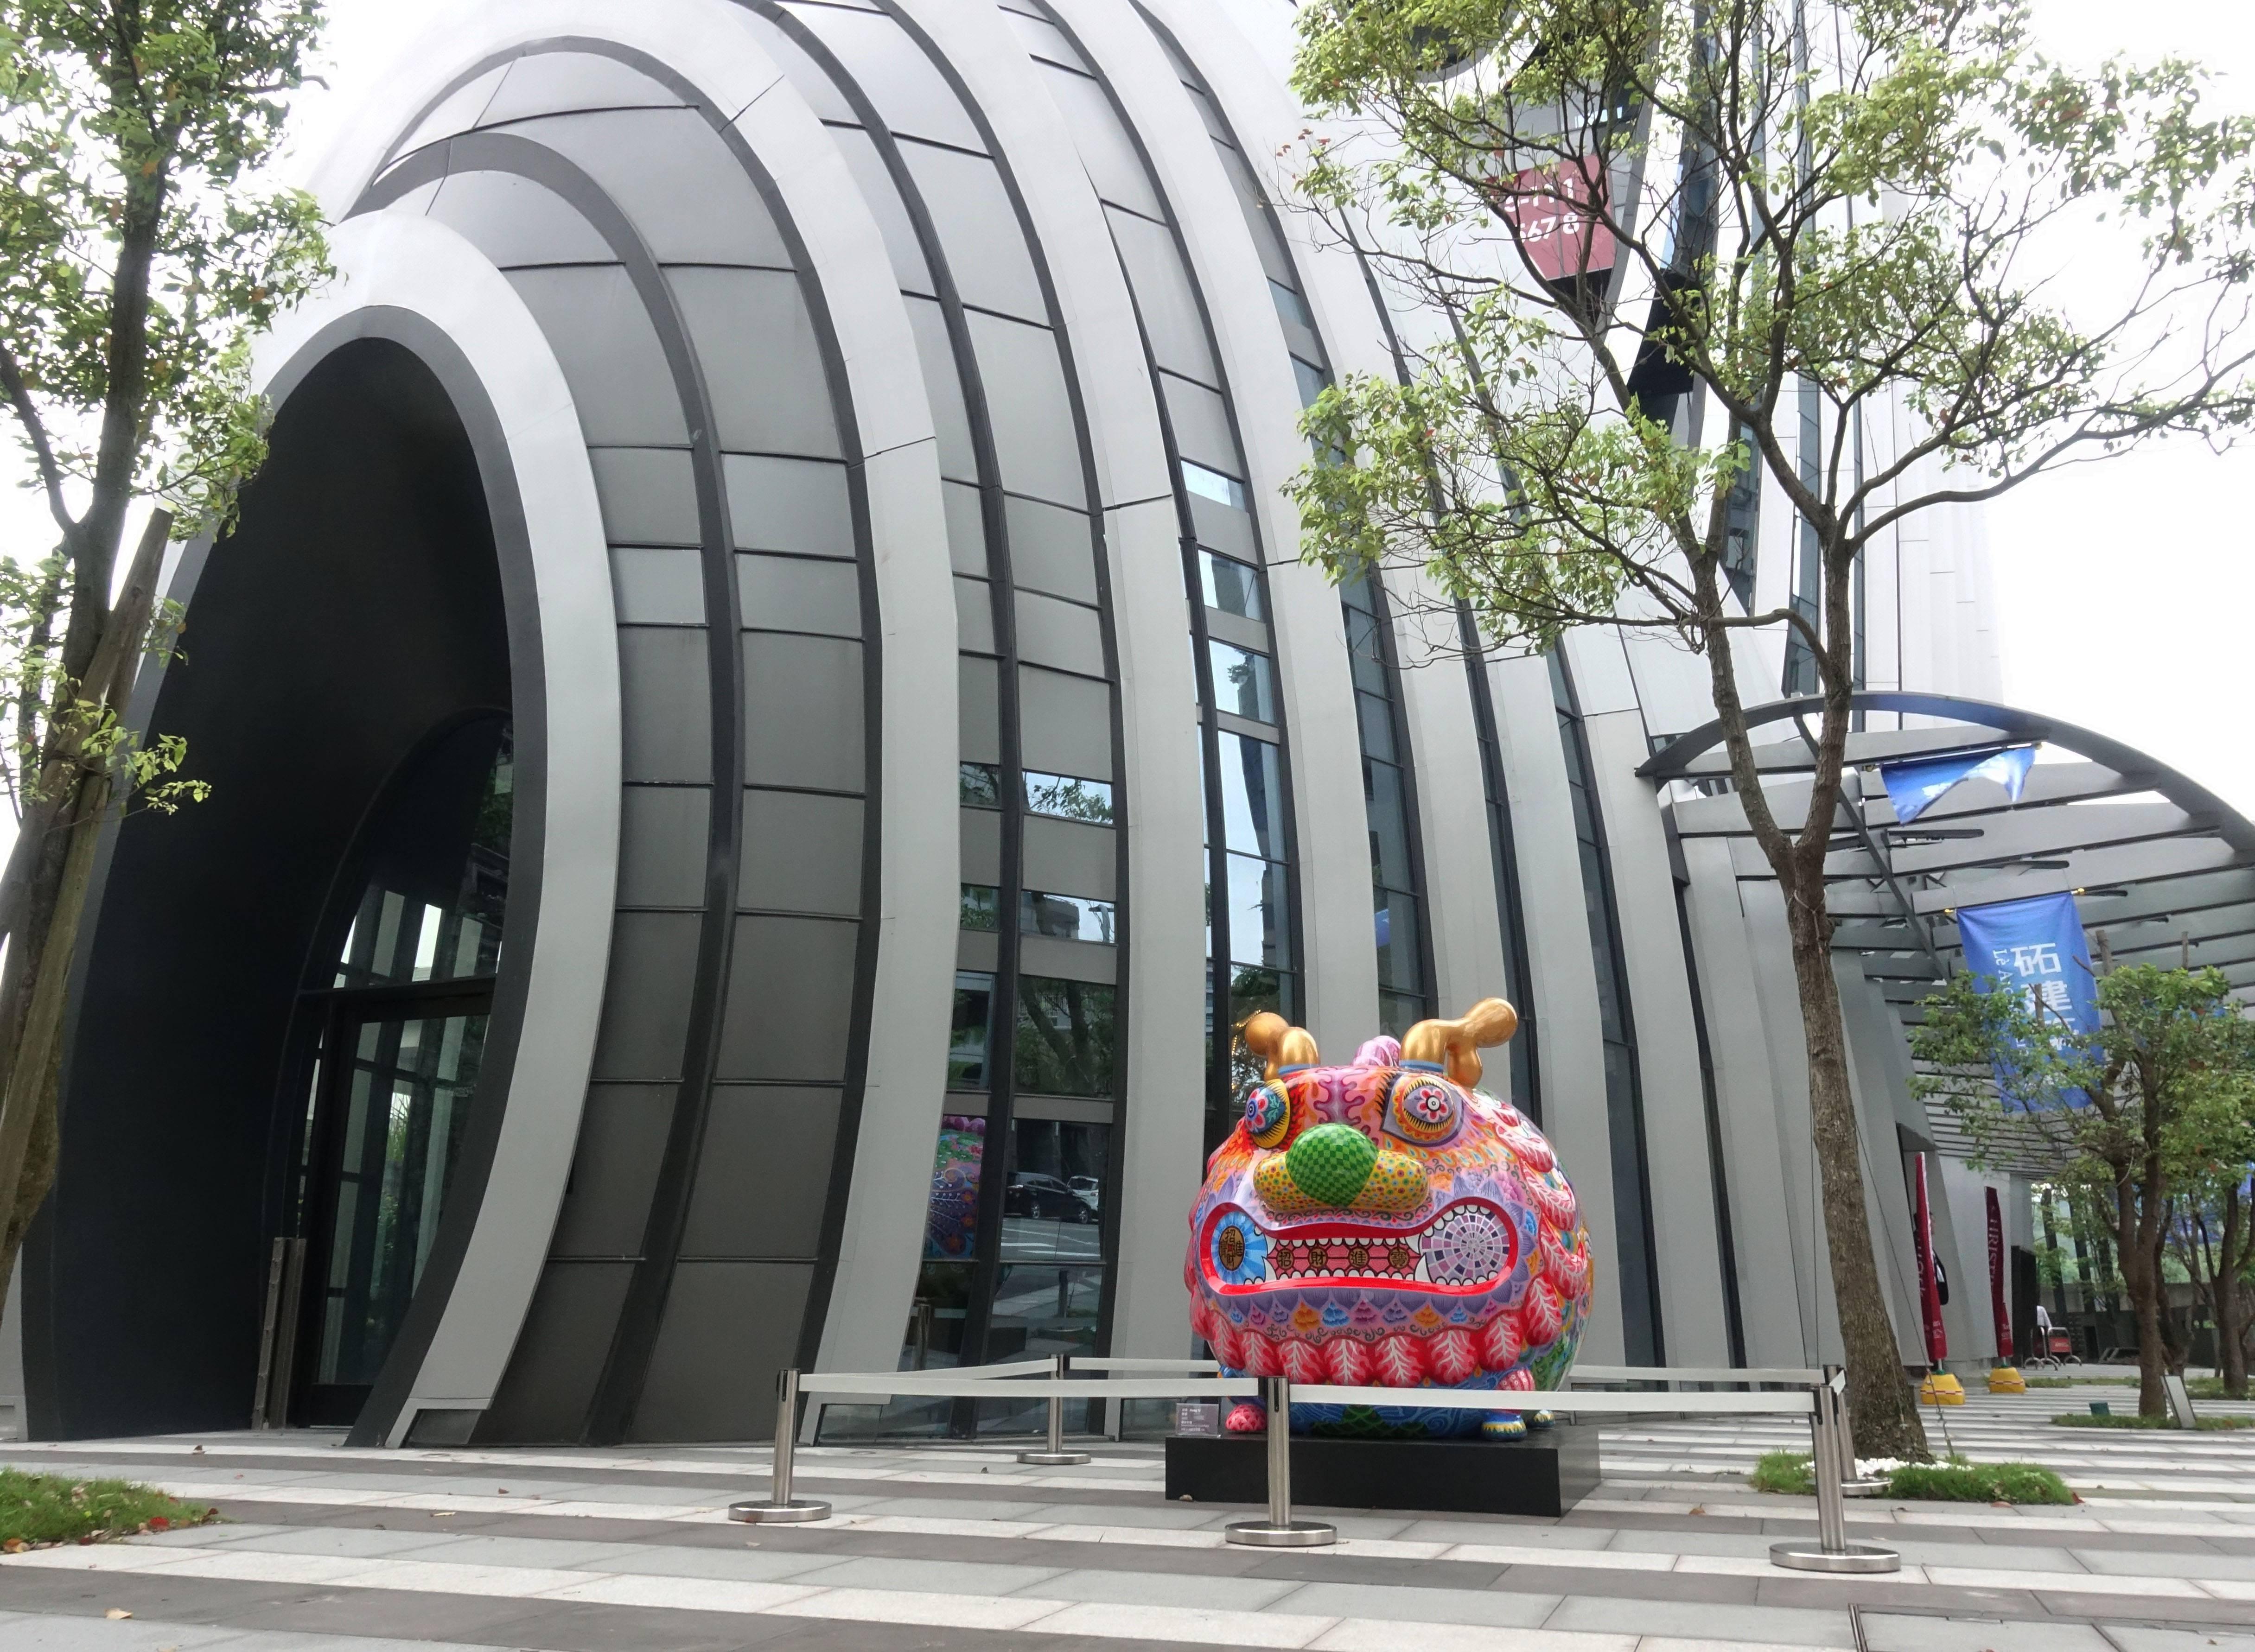 藝術家洪易作品《圓龍》於南港砳建築外。